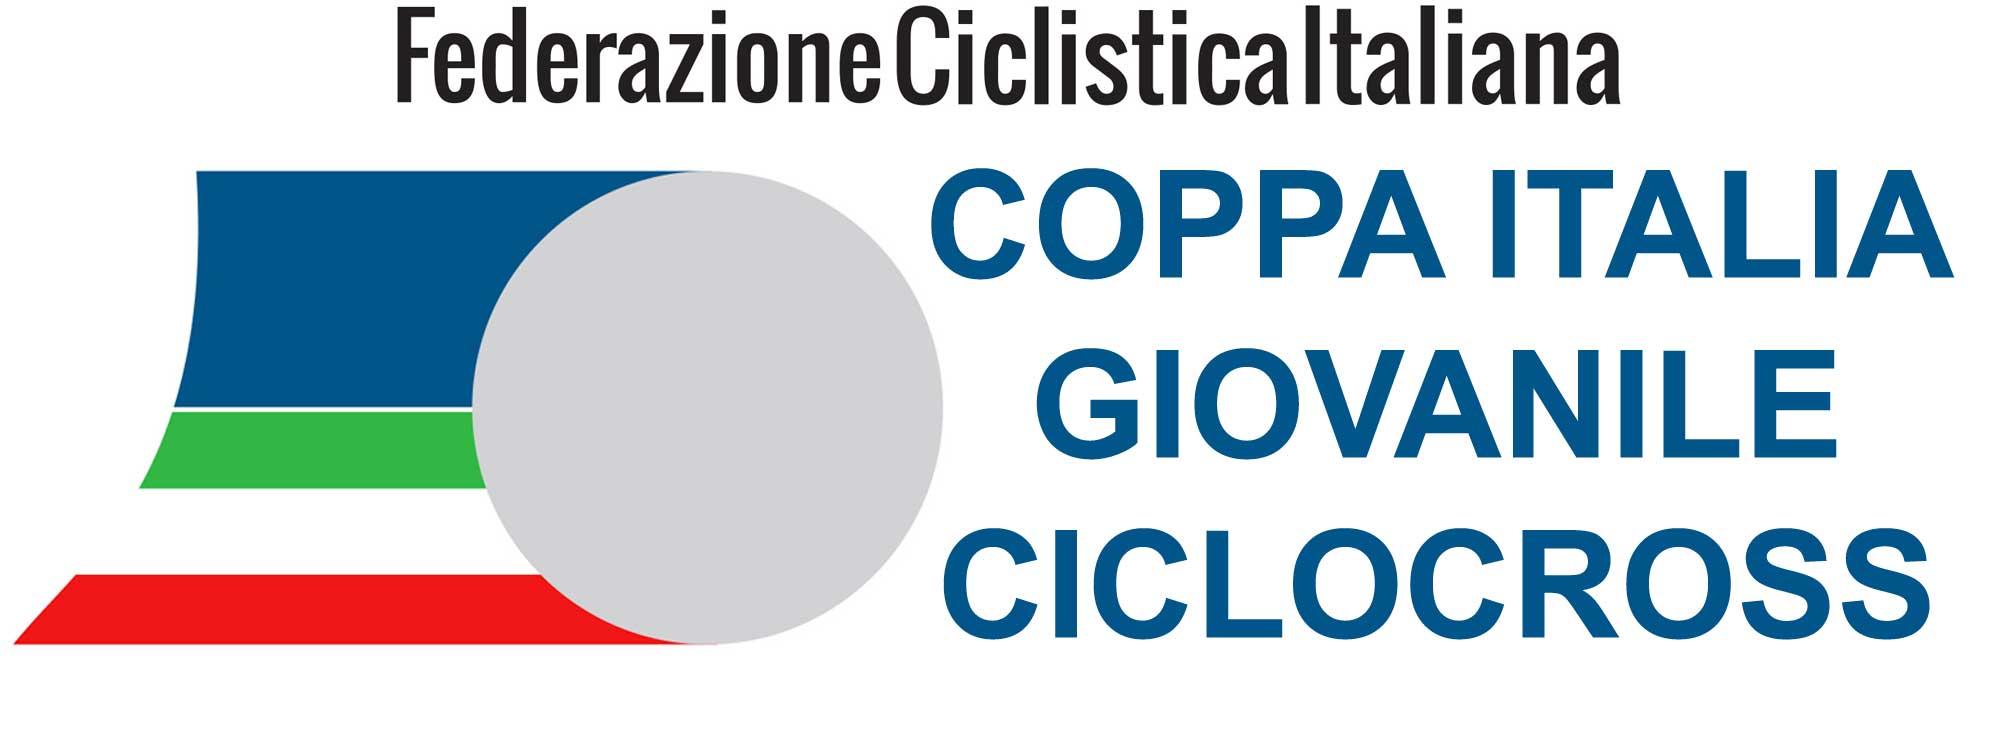 Coppa Italia Giovanile Ciclocross